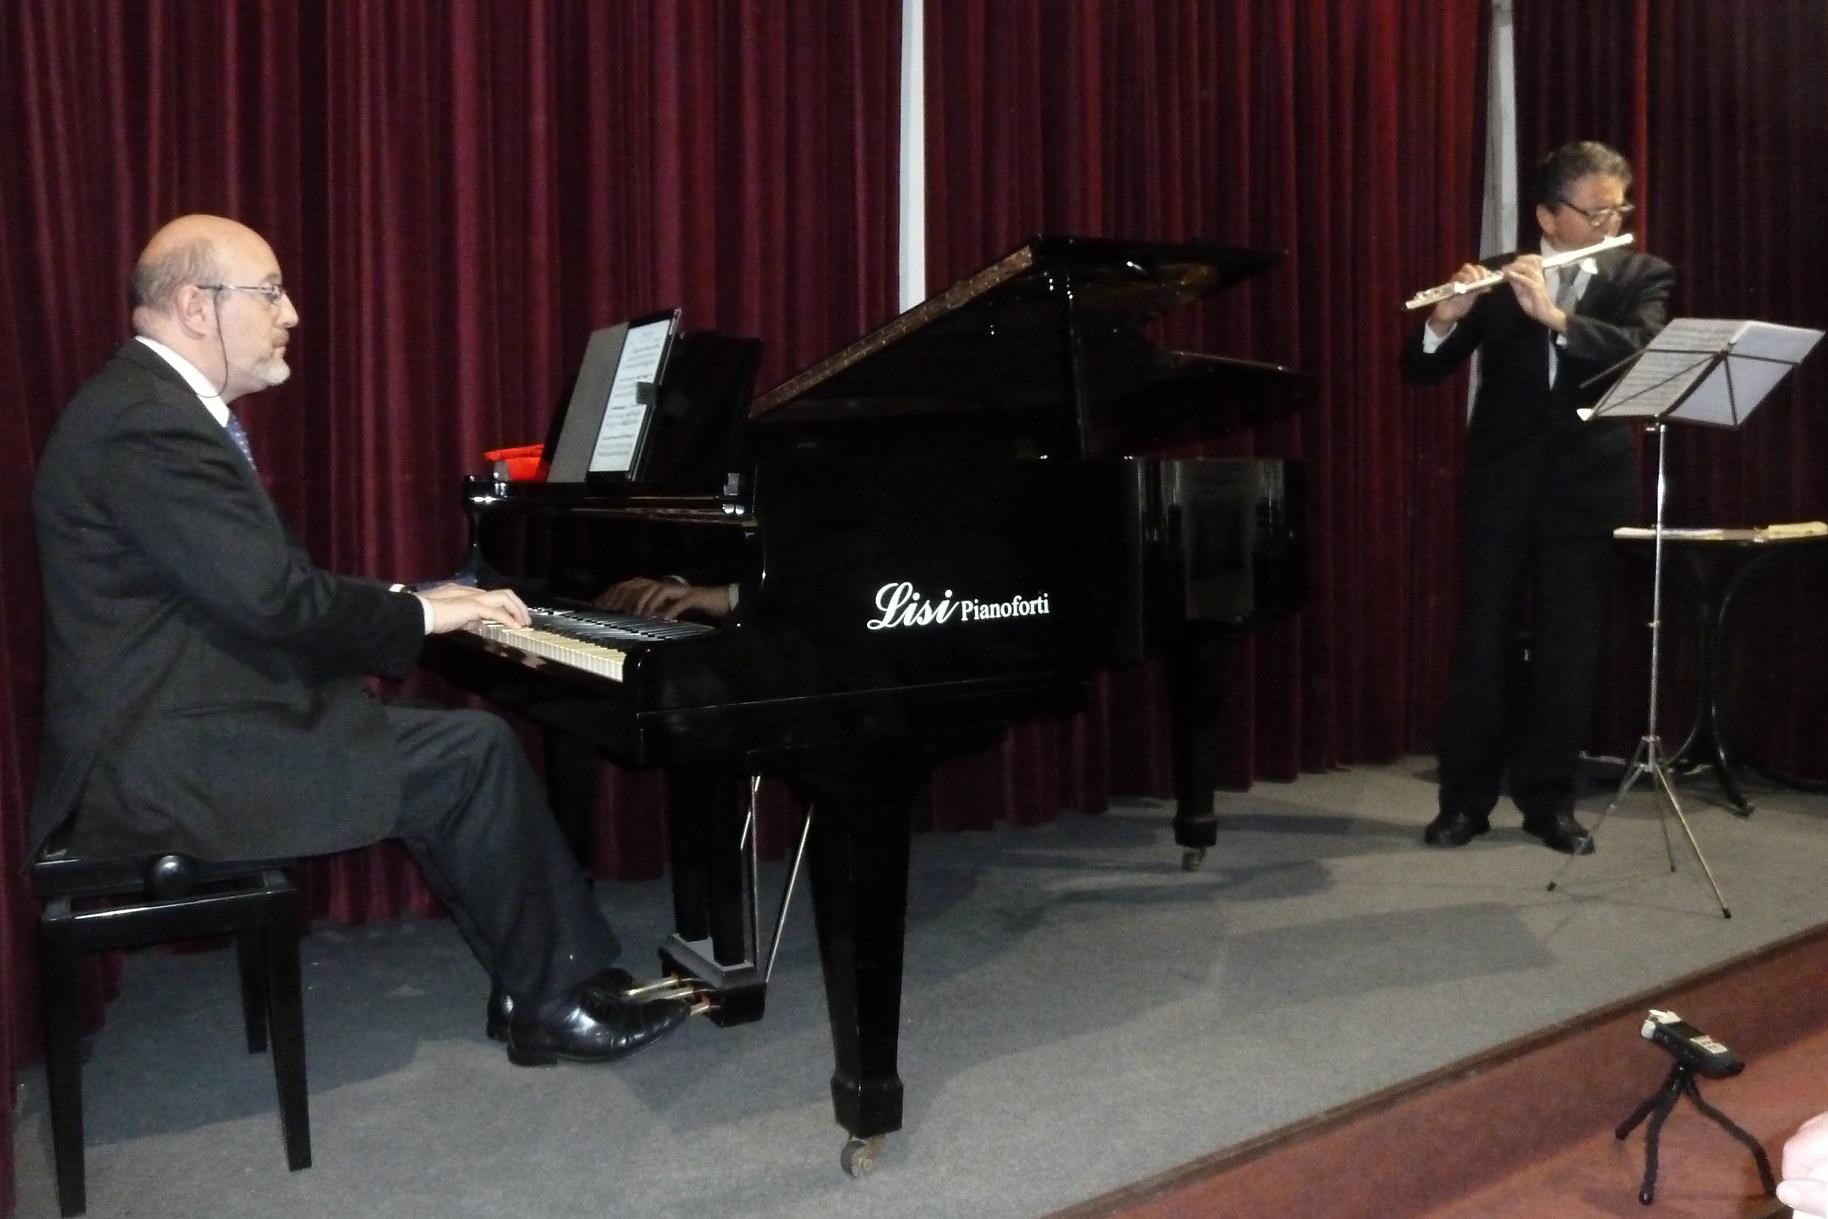 Concerto Livorno